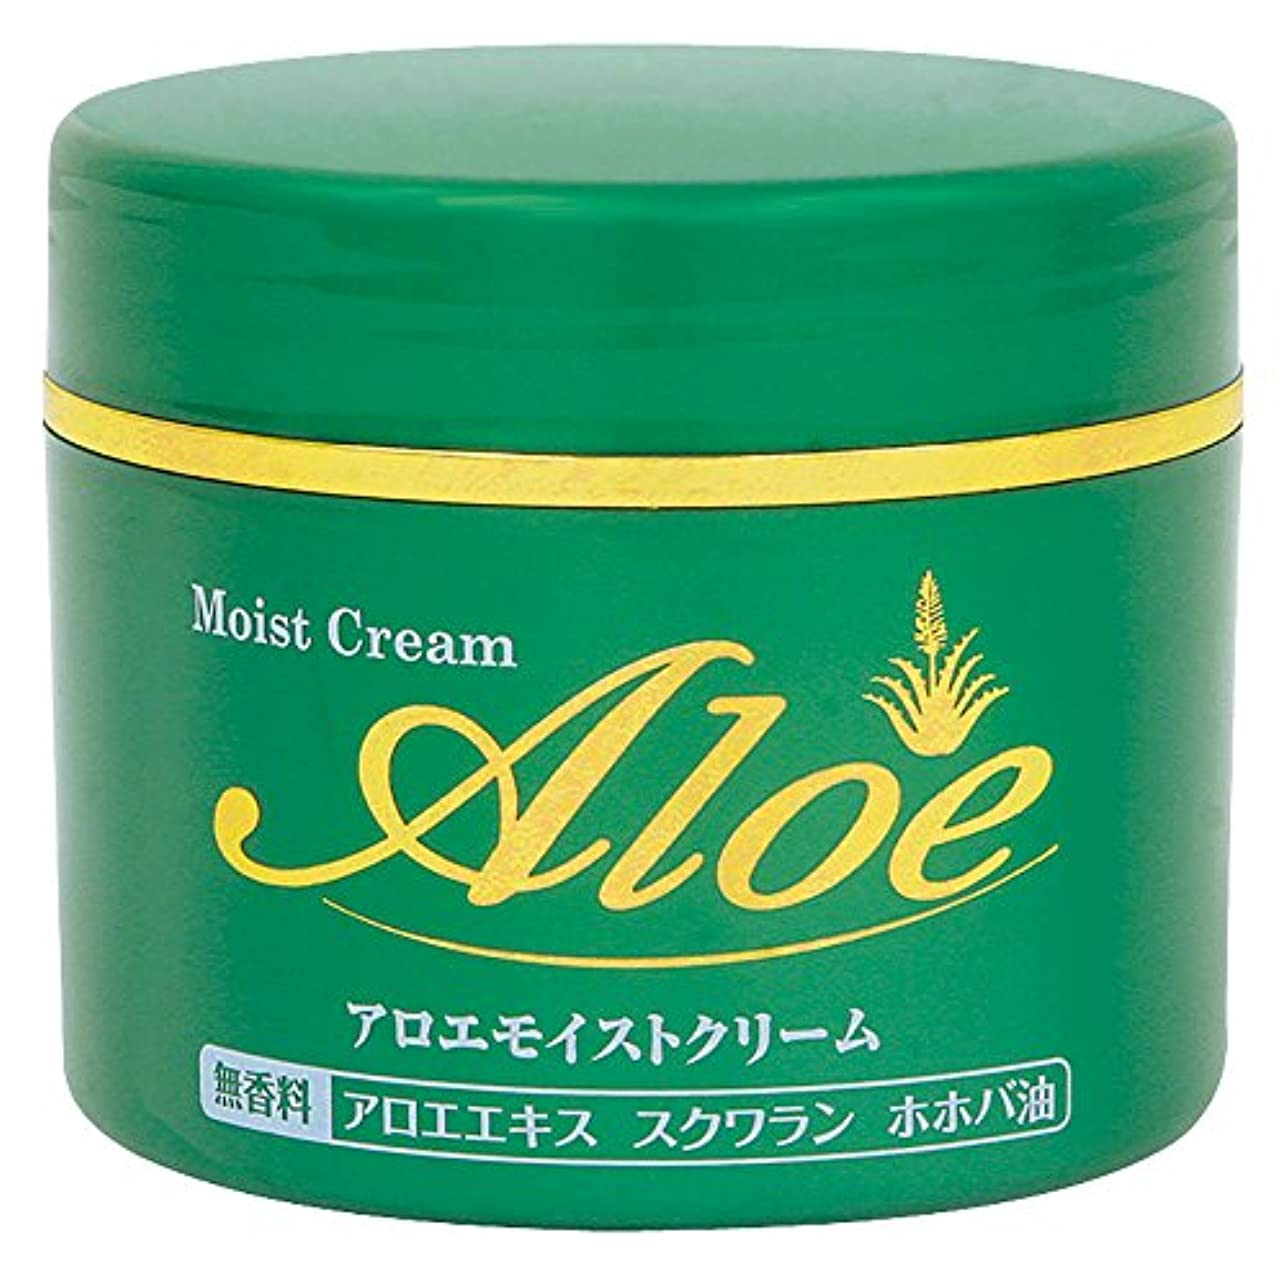 井藤漢方製薬 アロエモイストクリーム 160g (アロエクリーム 化粧品)